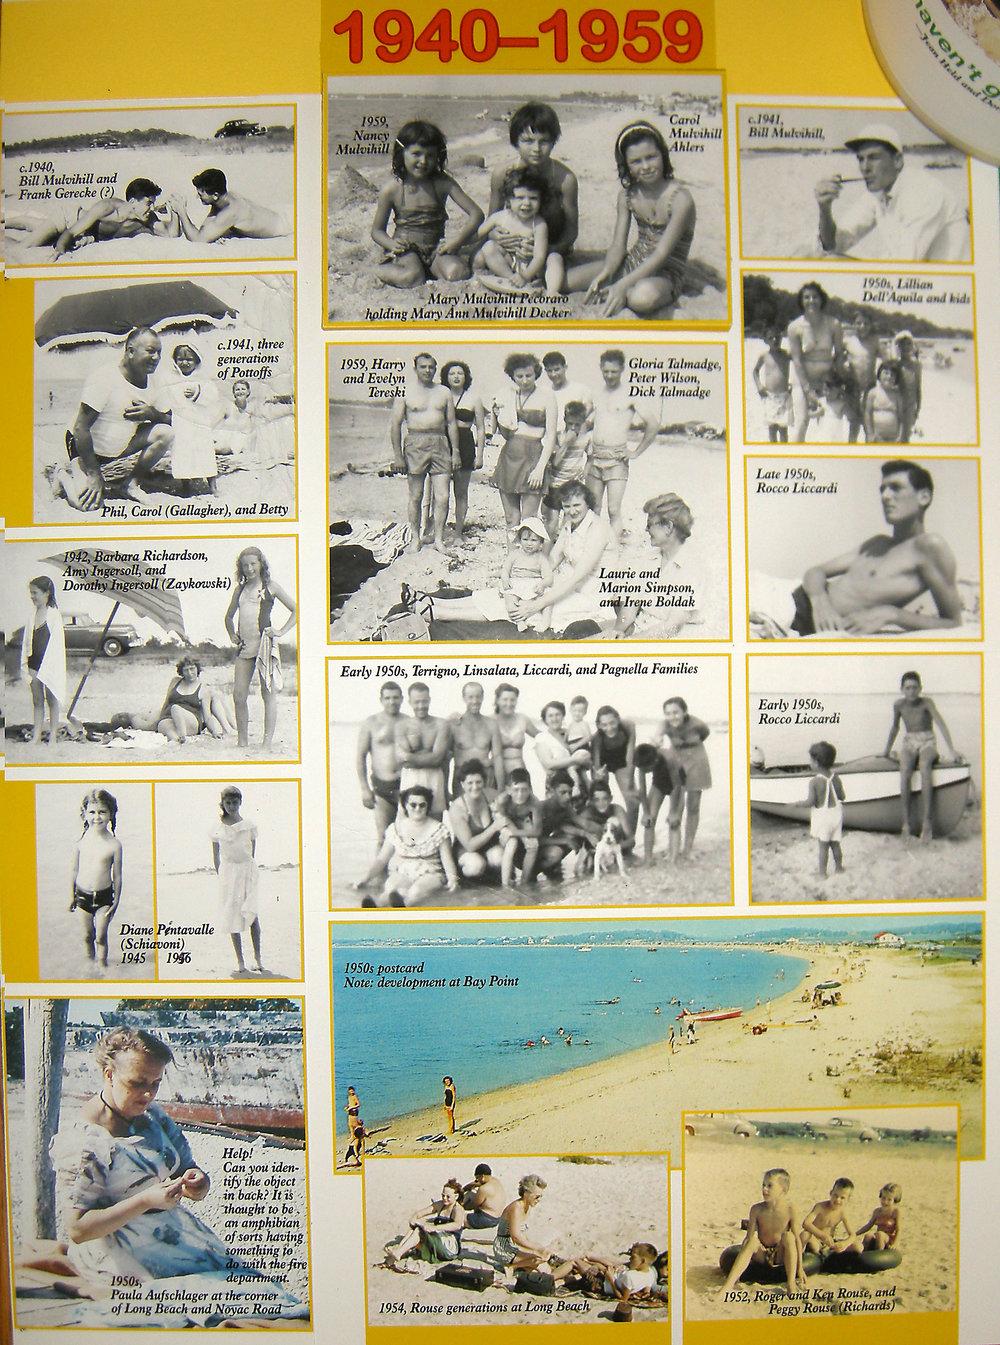 DSCN1984_1940-1959.jpg